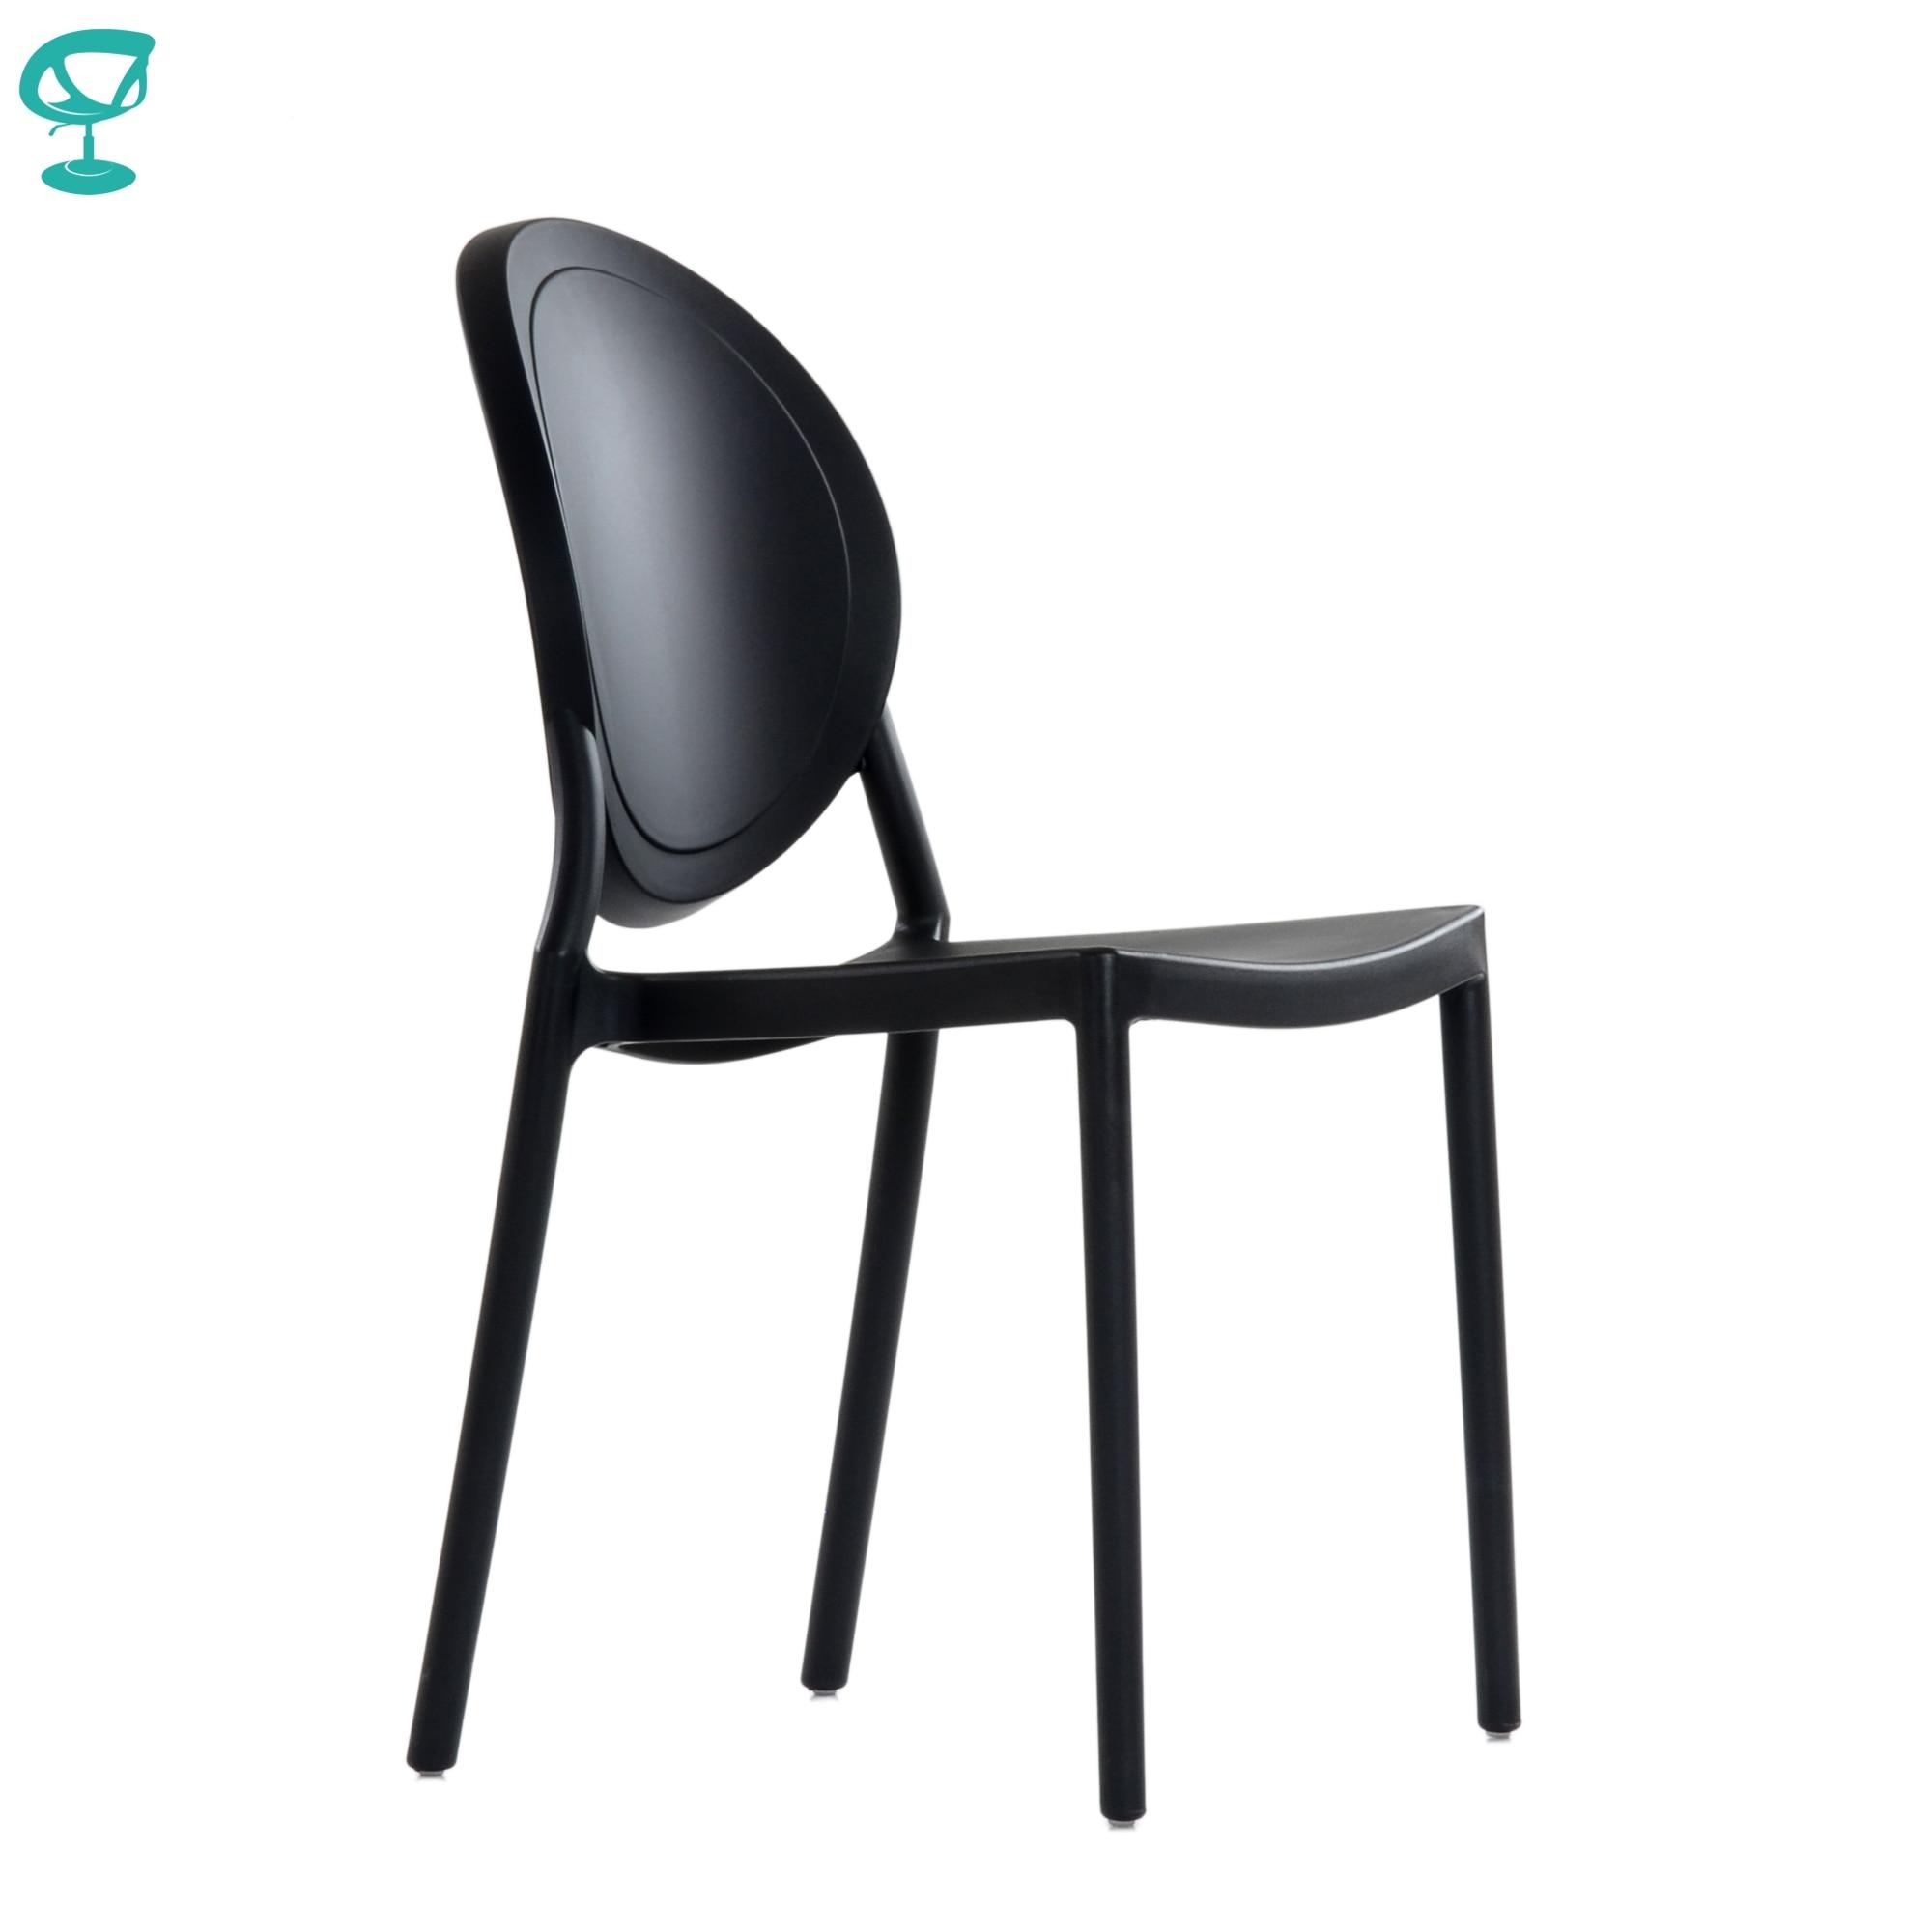 95715 barneo N-217 plástico cozinha interior fezes cadeira para uma rua cafe cadeira cozinha móveis preto frete grátis na rússia